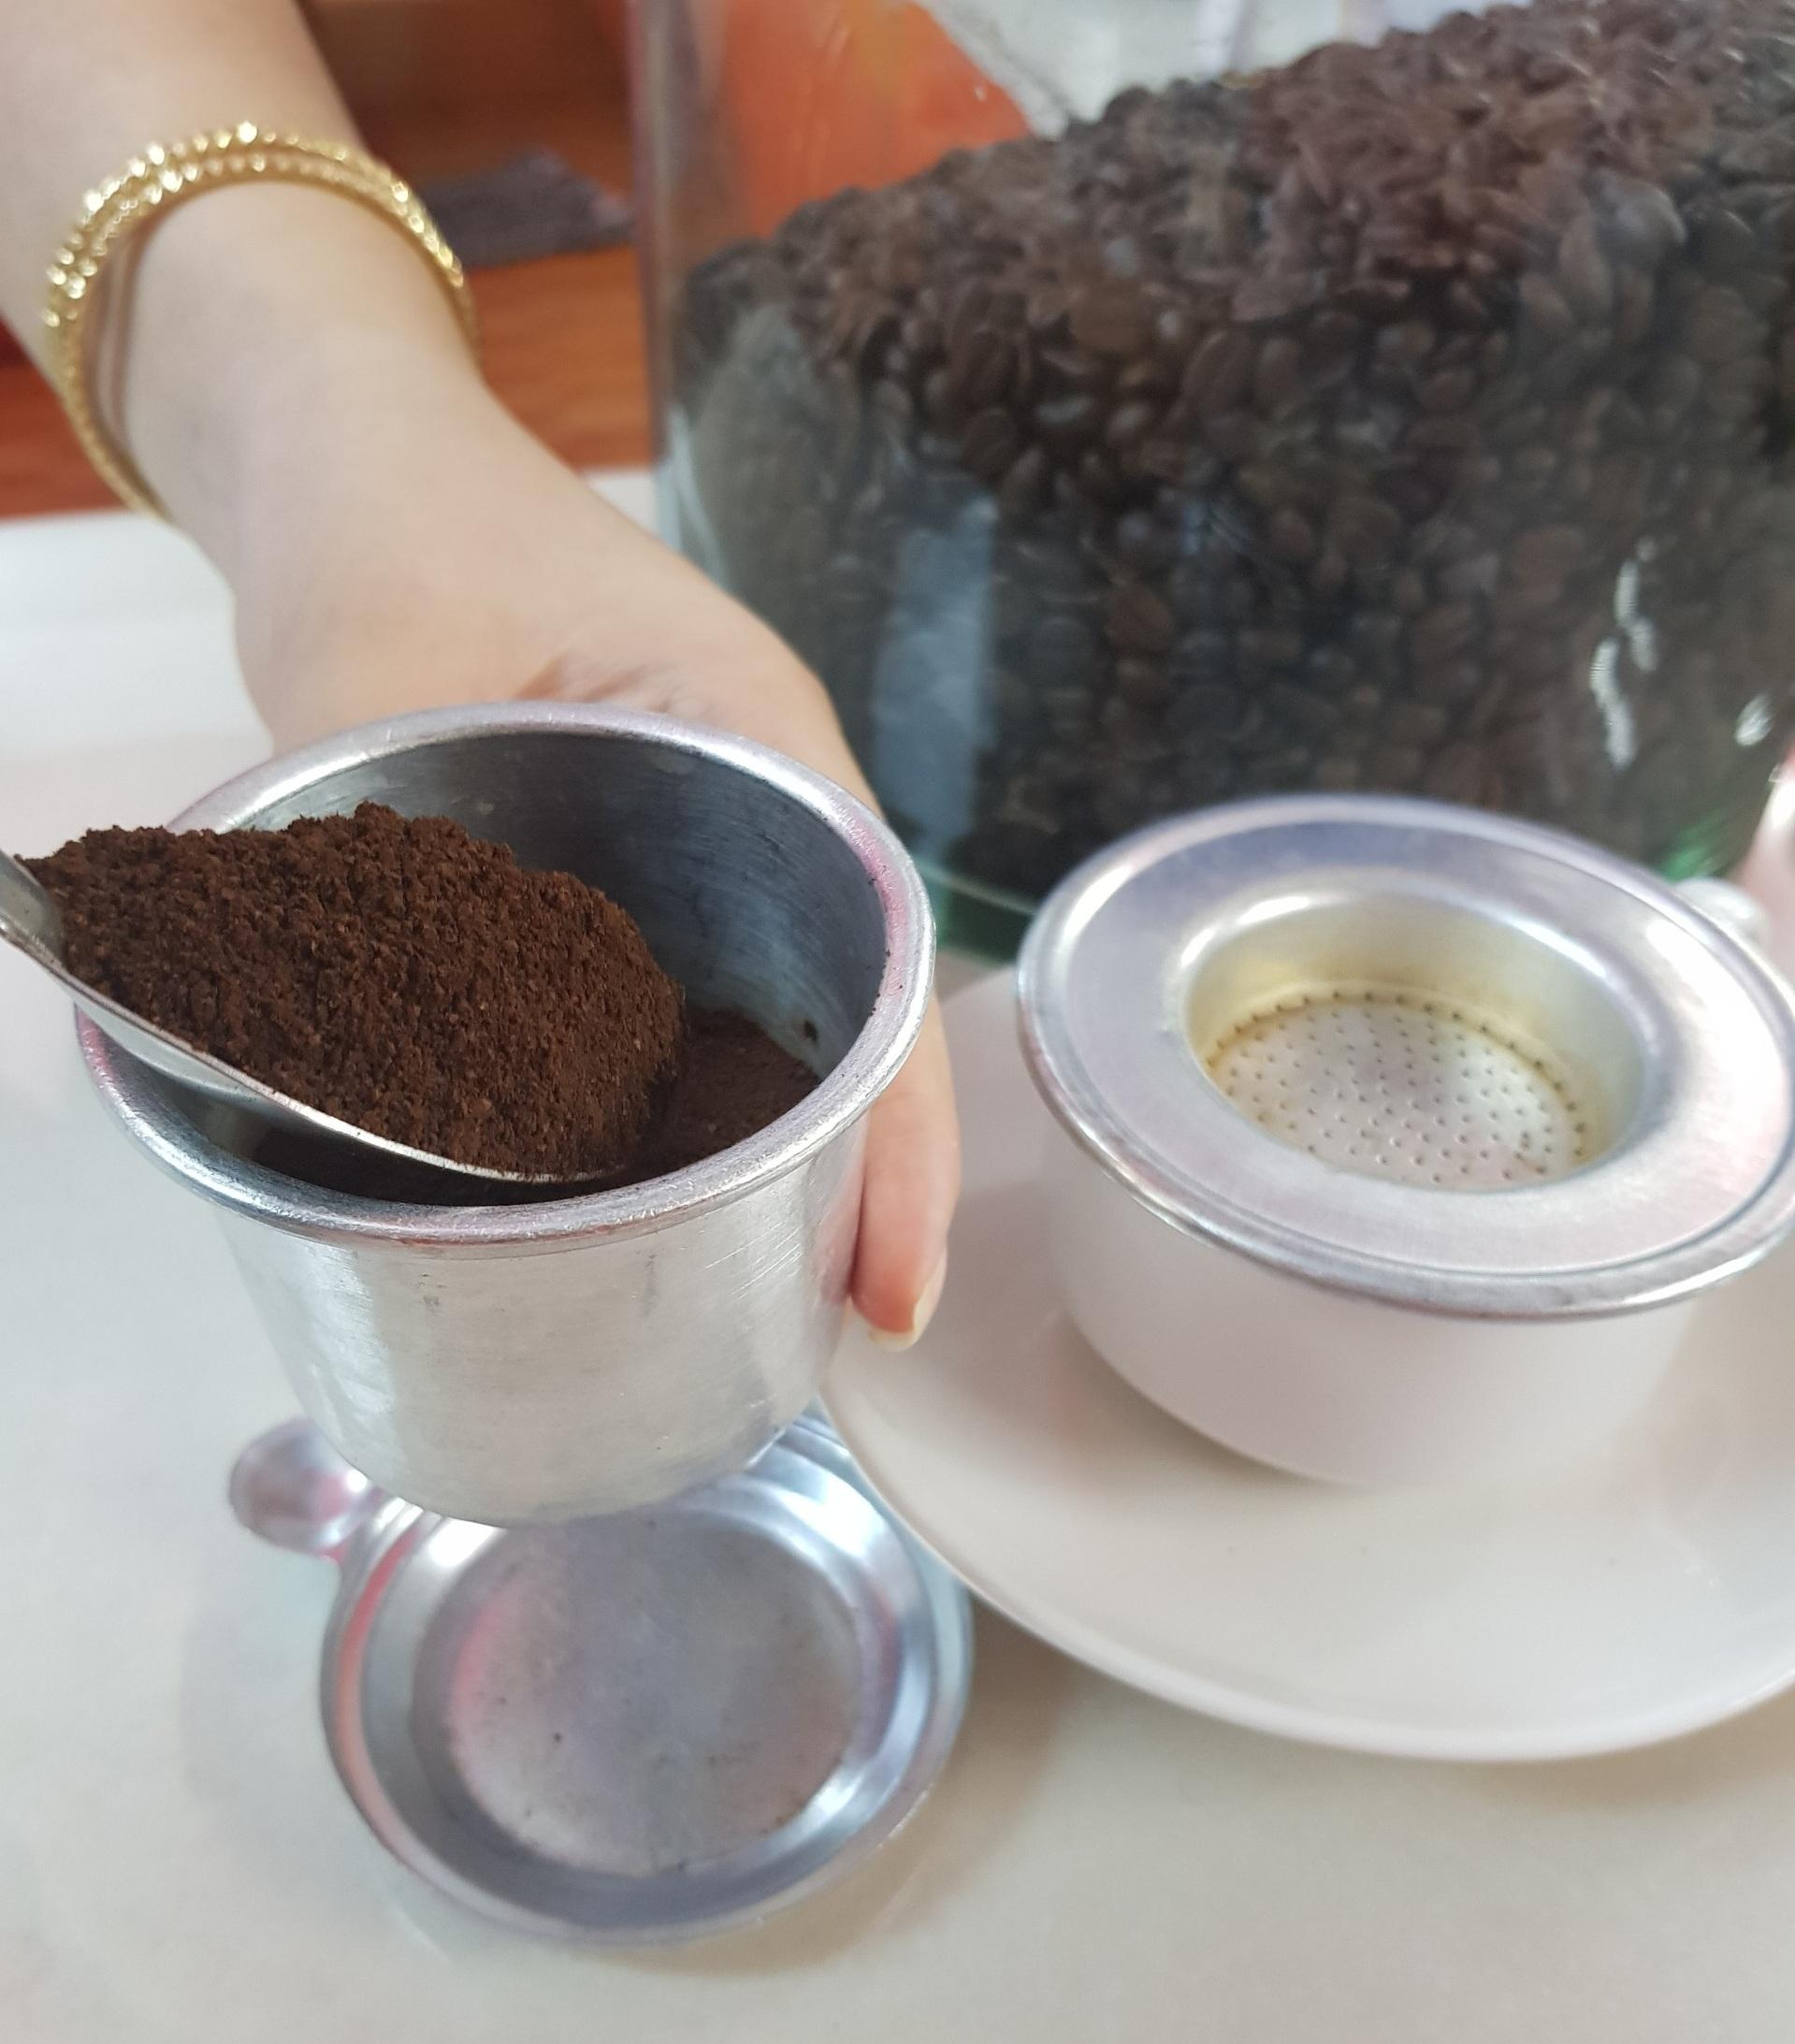 Phin pha cà phê cỡ lớn có kích thước lớn hơn bình thường nên các lượng khi pha chế cũng thay đổi.